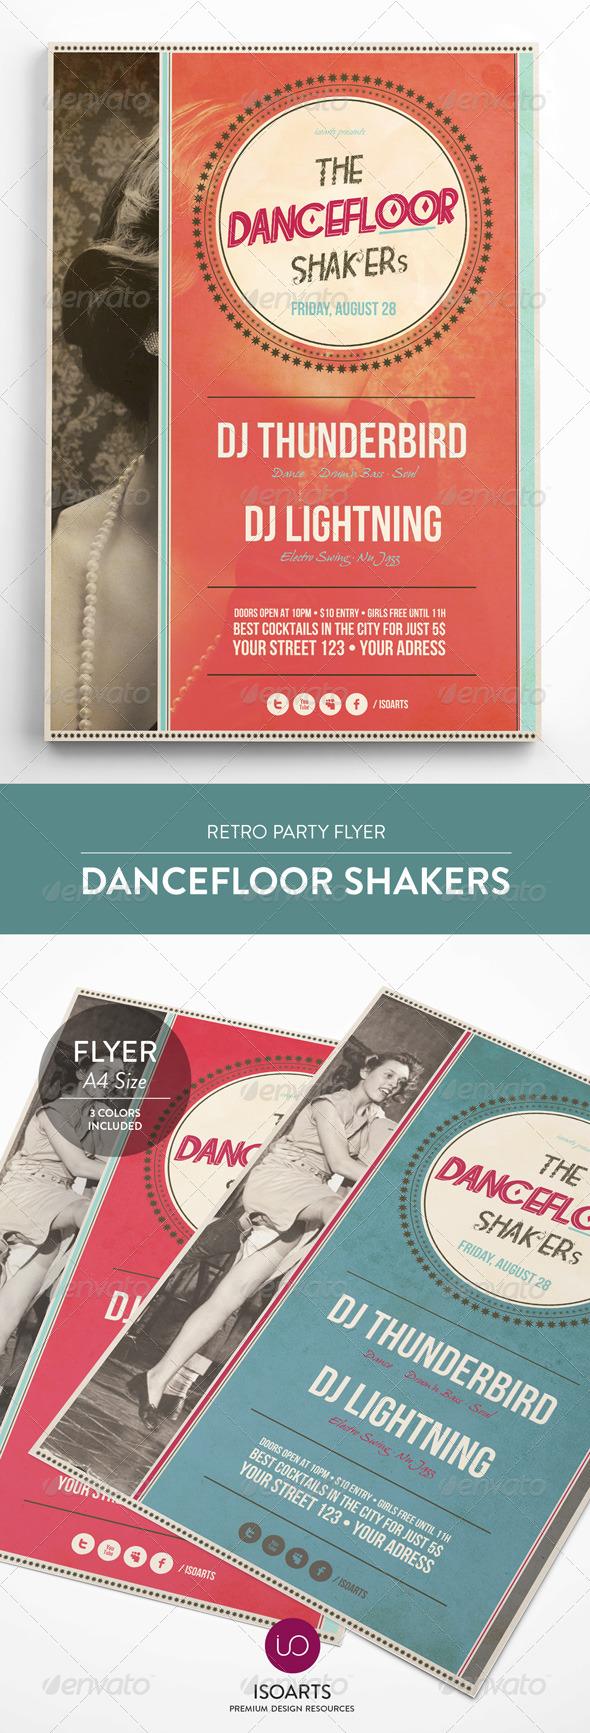 Dancefloor Shakers • Retro Party Flyer - Events Flyers